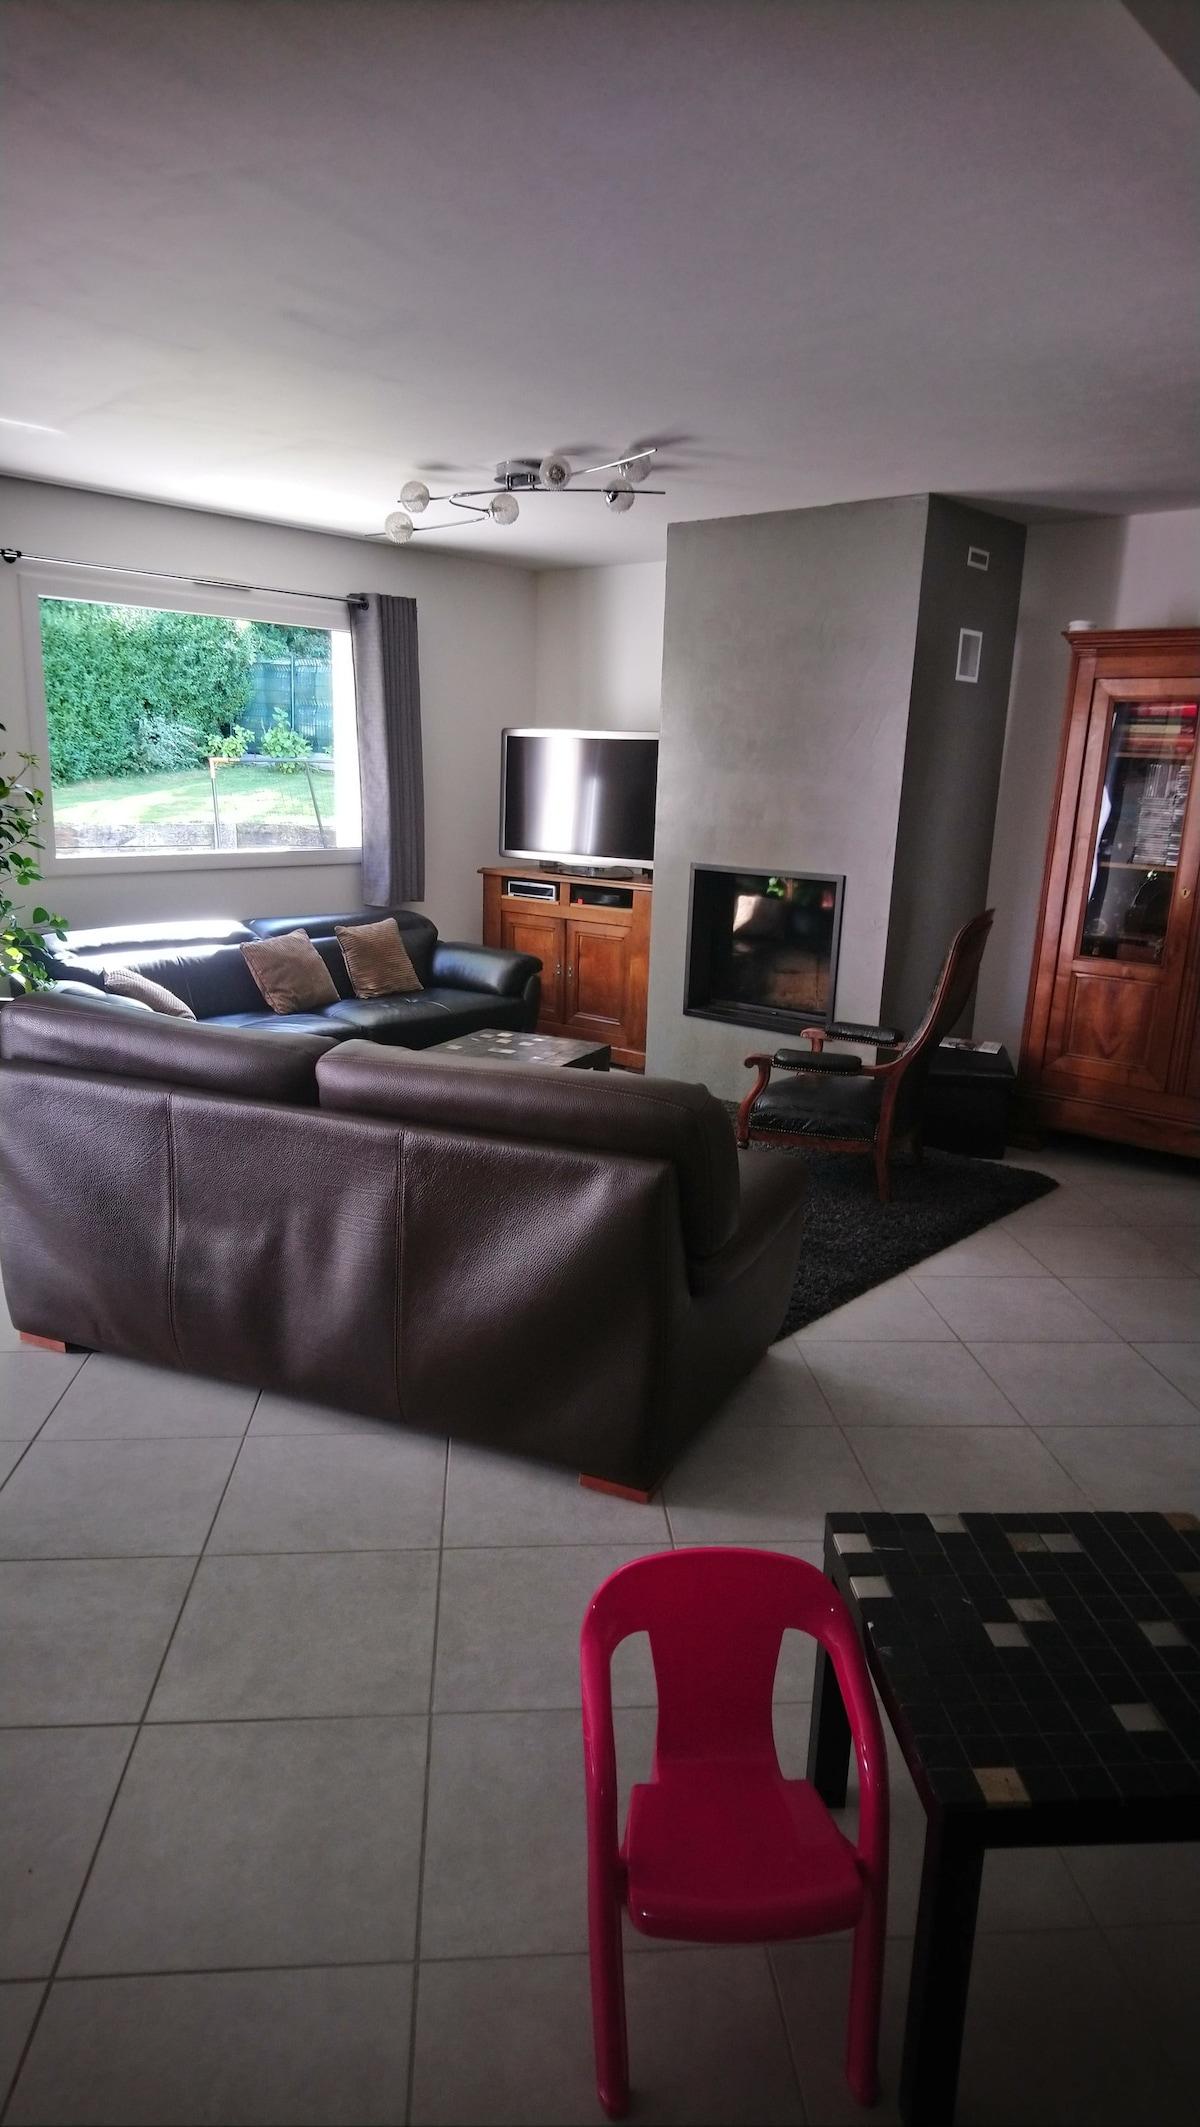 5 Palier Intérieur//Extérieur Bakers rack-Cuisine /& Salle à manger meubles 5-Tier INDOO...